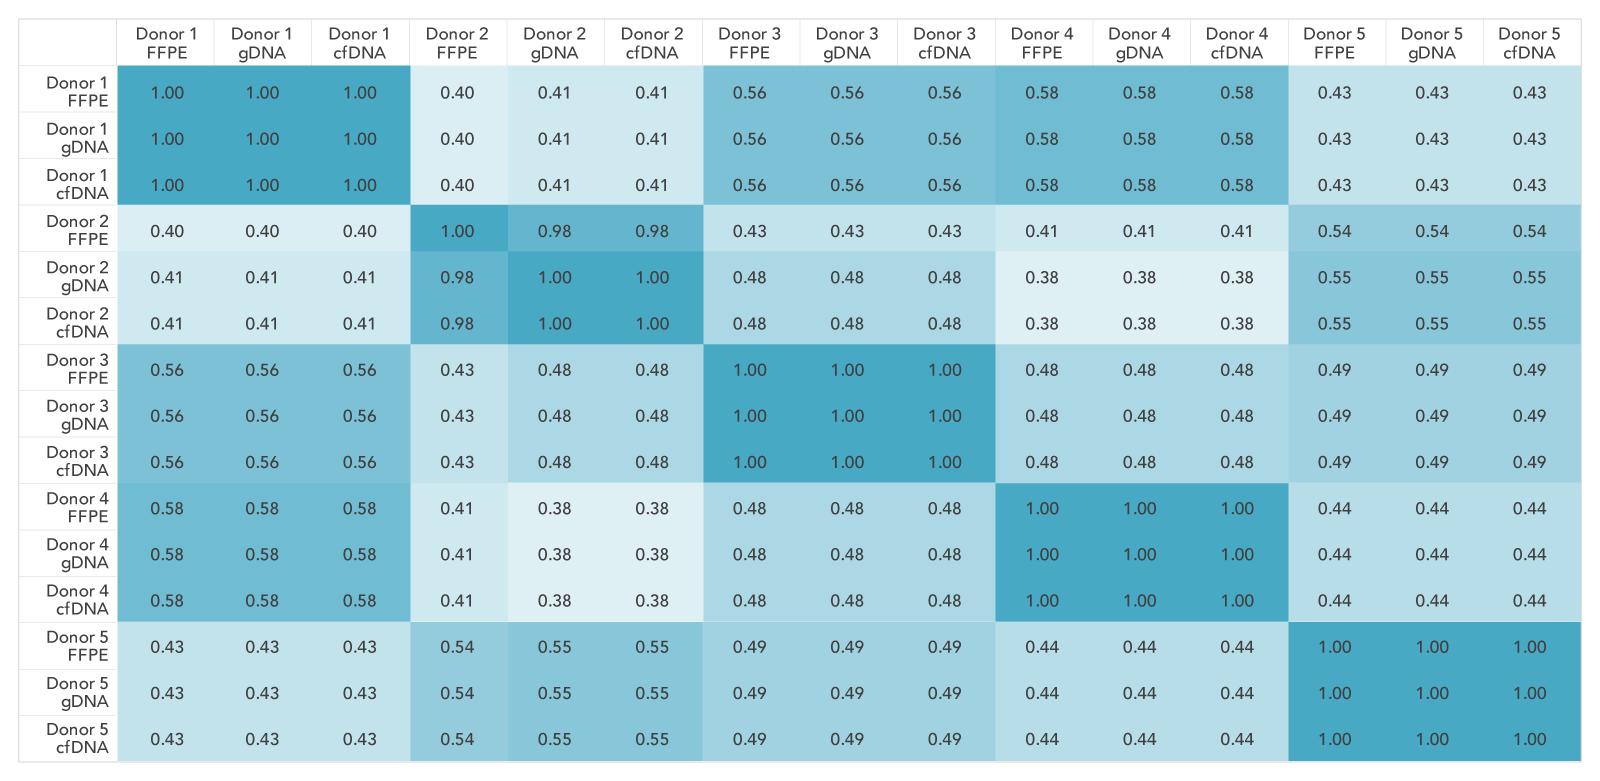 Genotype concordance rates